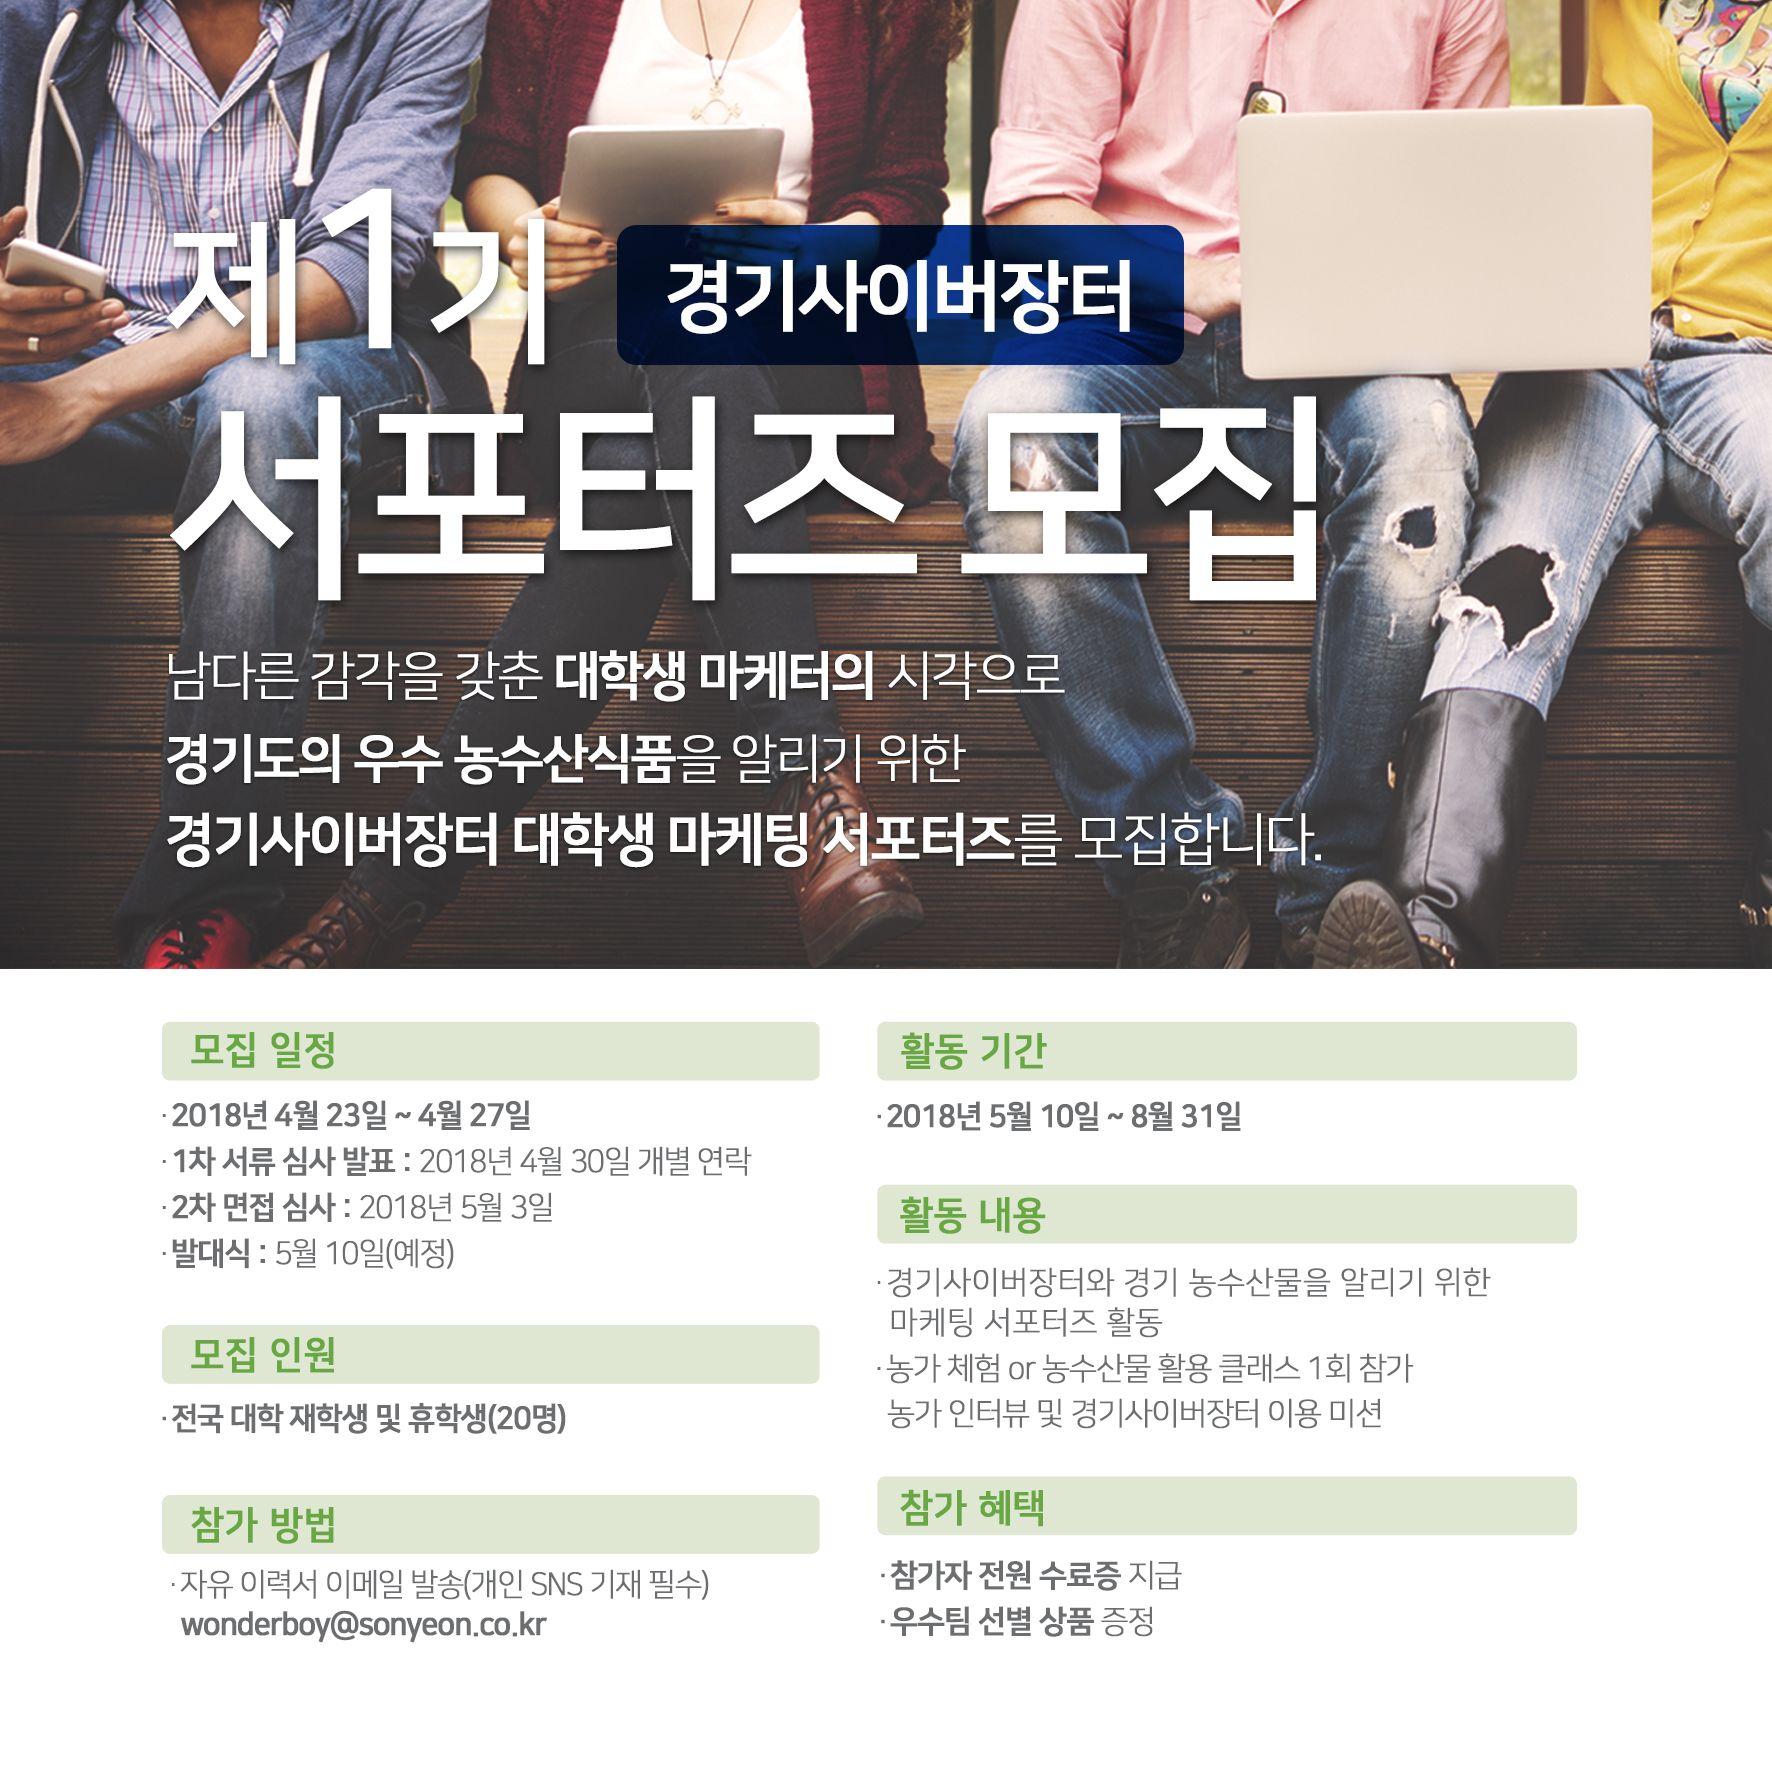 [경기도청] 경기사이버장터 마케팅 서포터즈